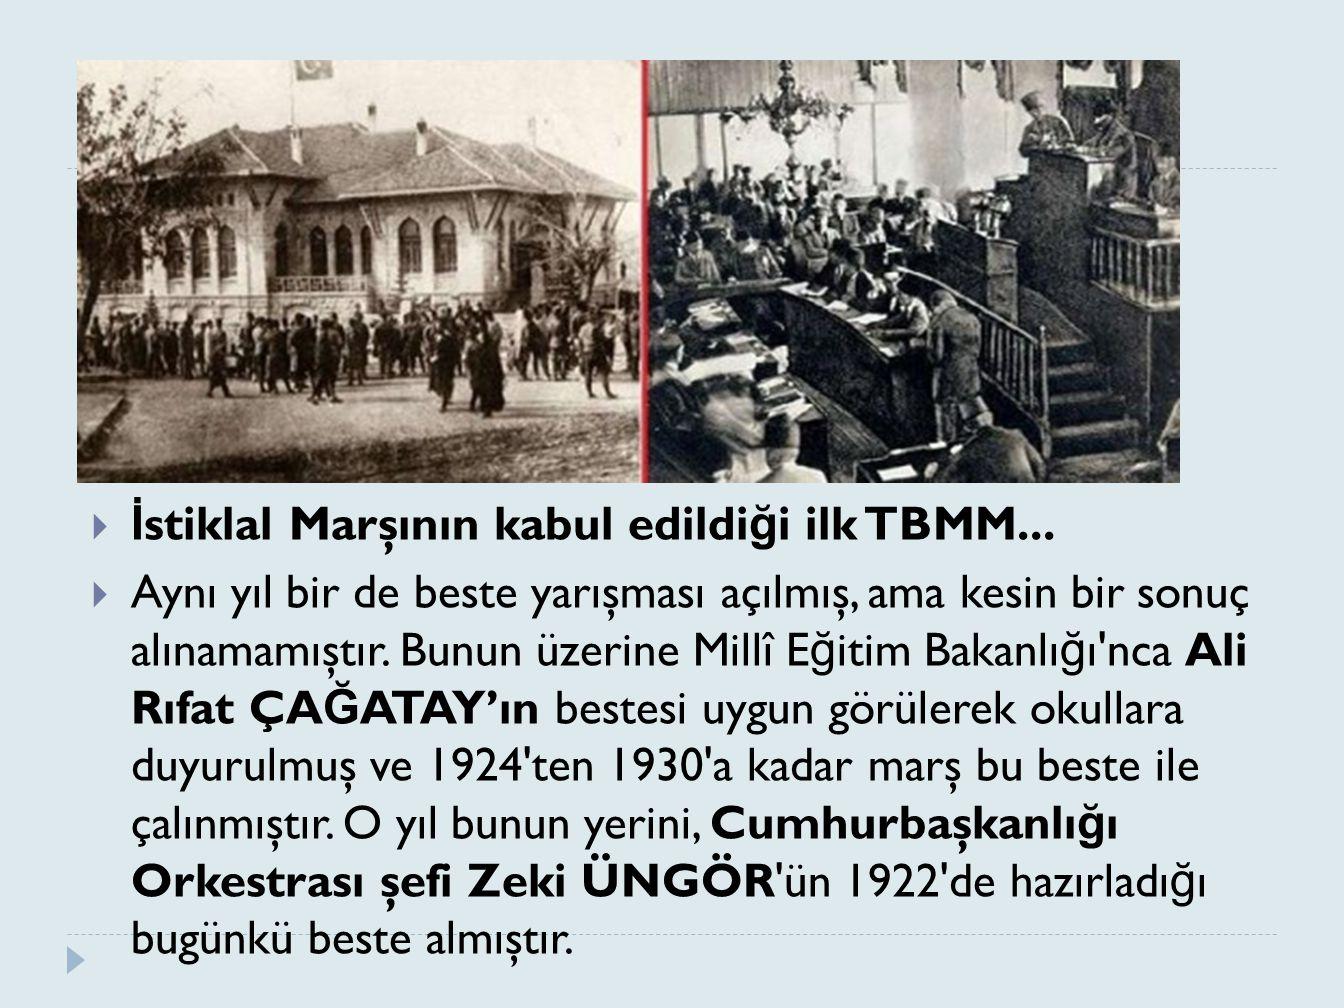  İ stiklal Marşının kabul edildi ğ i ilk TBMM...  Aynı yıl bir de beste yarışması açılmış, ama kesin bir sonuç alınamamıştır. Bunun üzerine Millî E